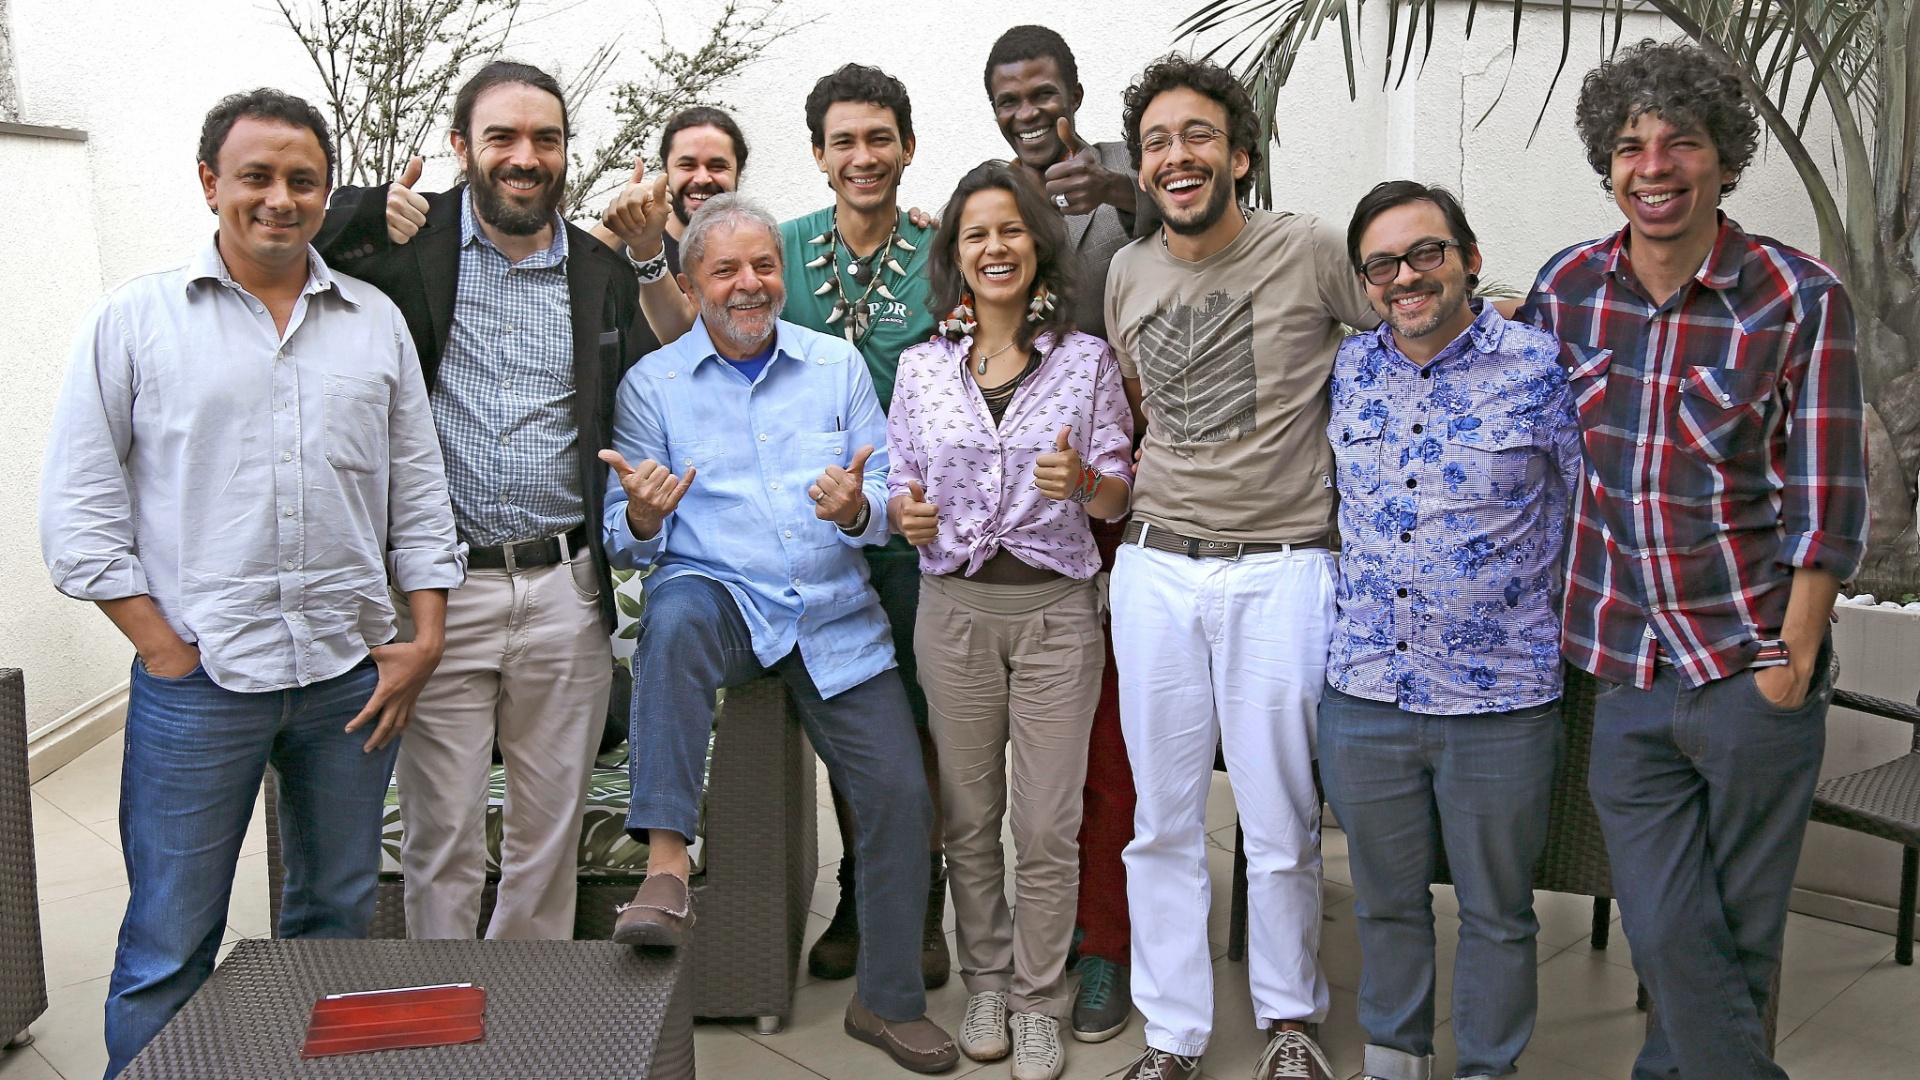 16.dez.2014 - O ex-presidente Luiz Inácio Lula da Silva se reuniu com representantes das redes sociais de diversos movimentos sociais na sede do Instituto Lula, em São Paulo, nesta terça-feira (16), durante o evento